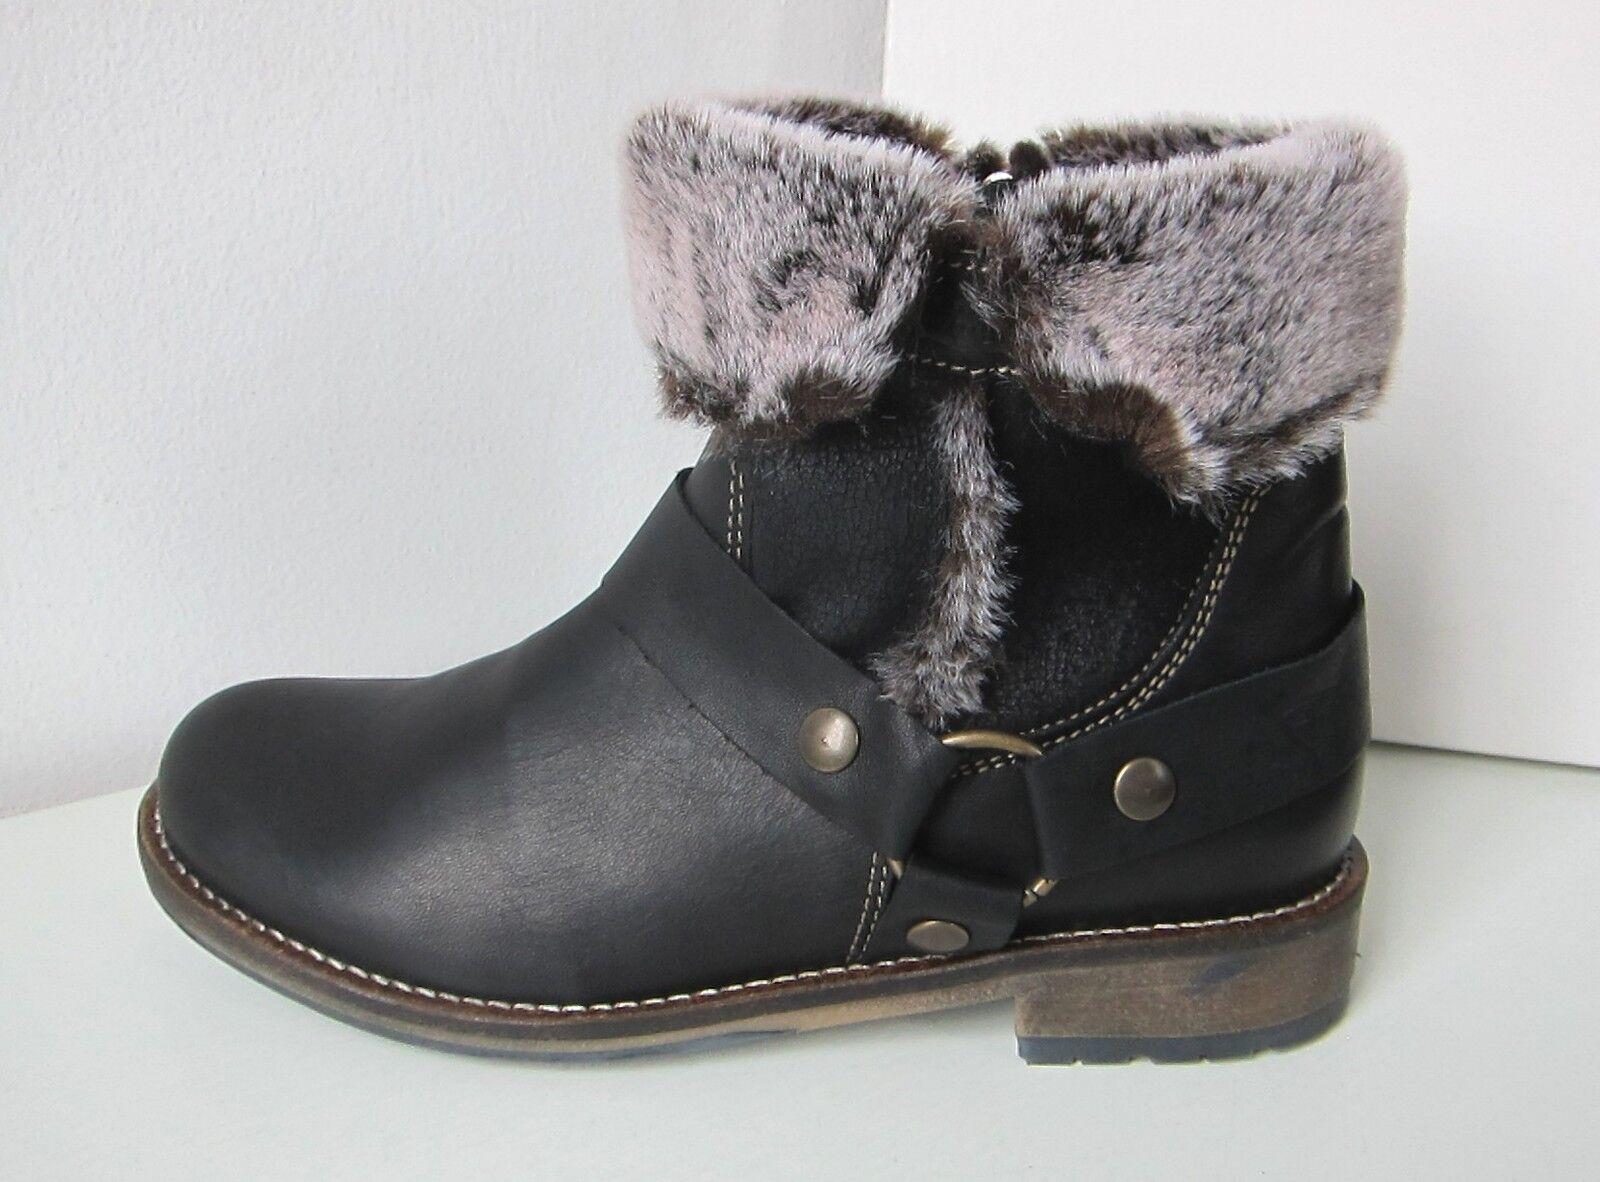 Tamaris Stiefel Stiefelette Fell schwarz Gr. 38 leather Stiefel Stiefelee schwarz